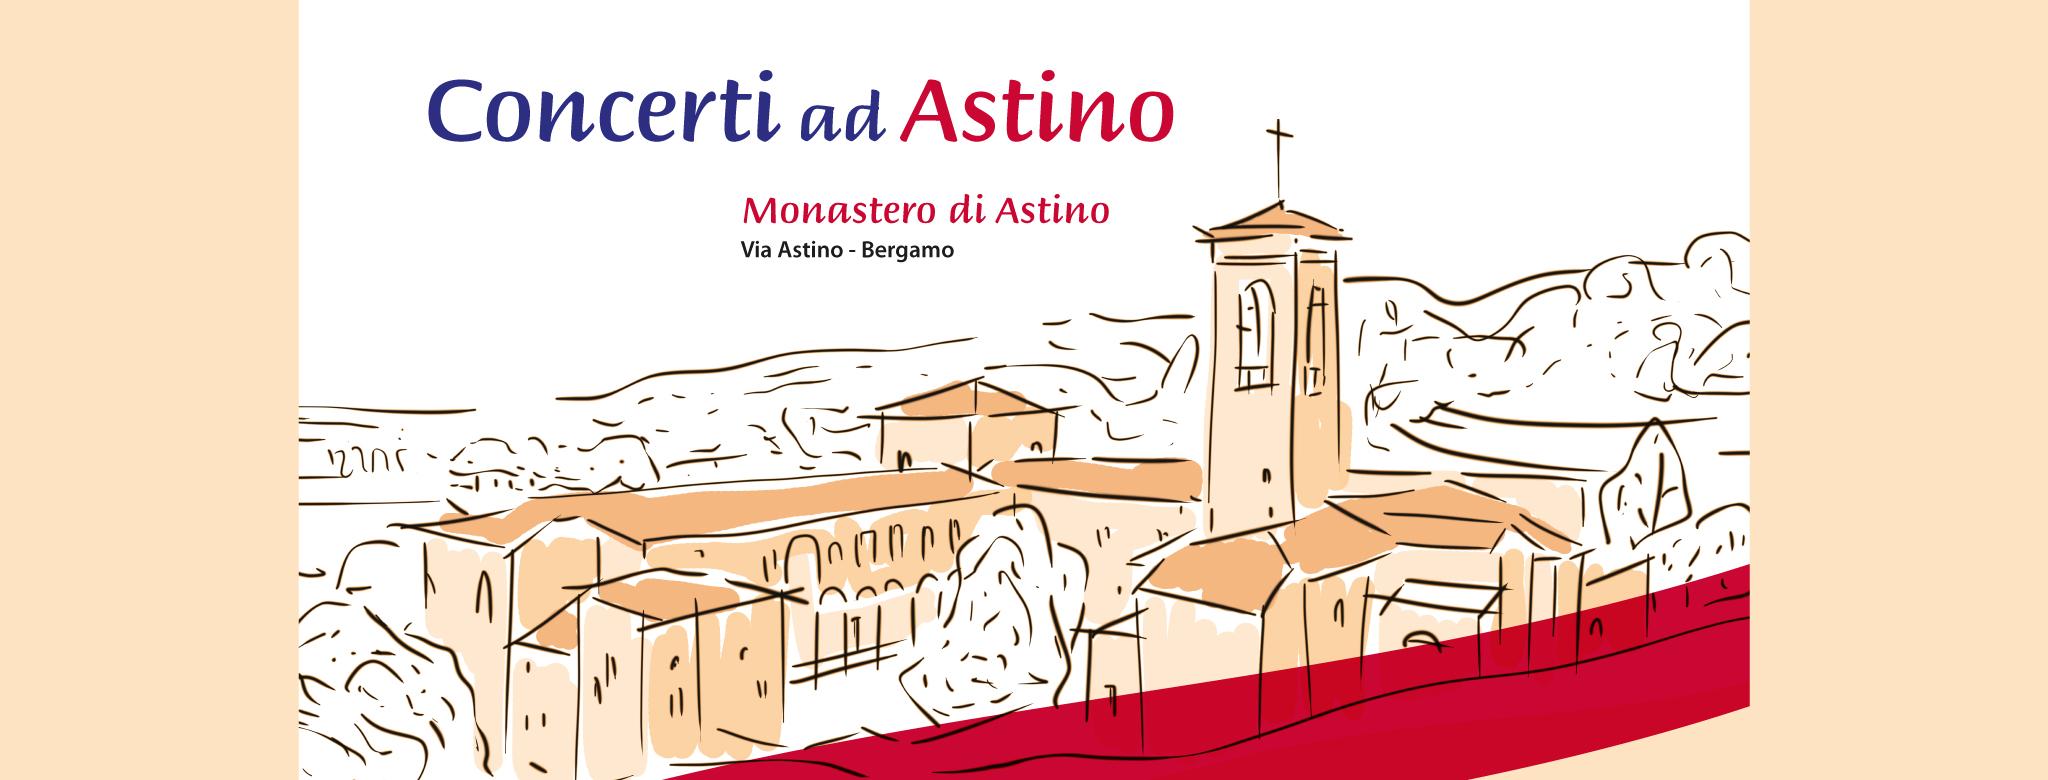 abbm-concerti-ad-astino-2019-cover-fb